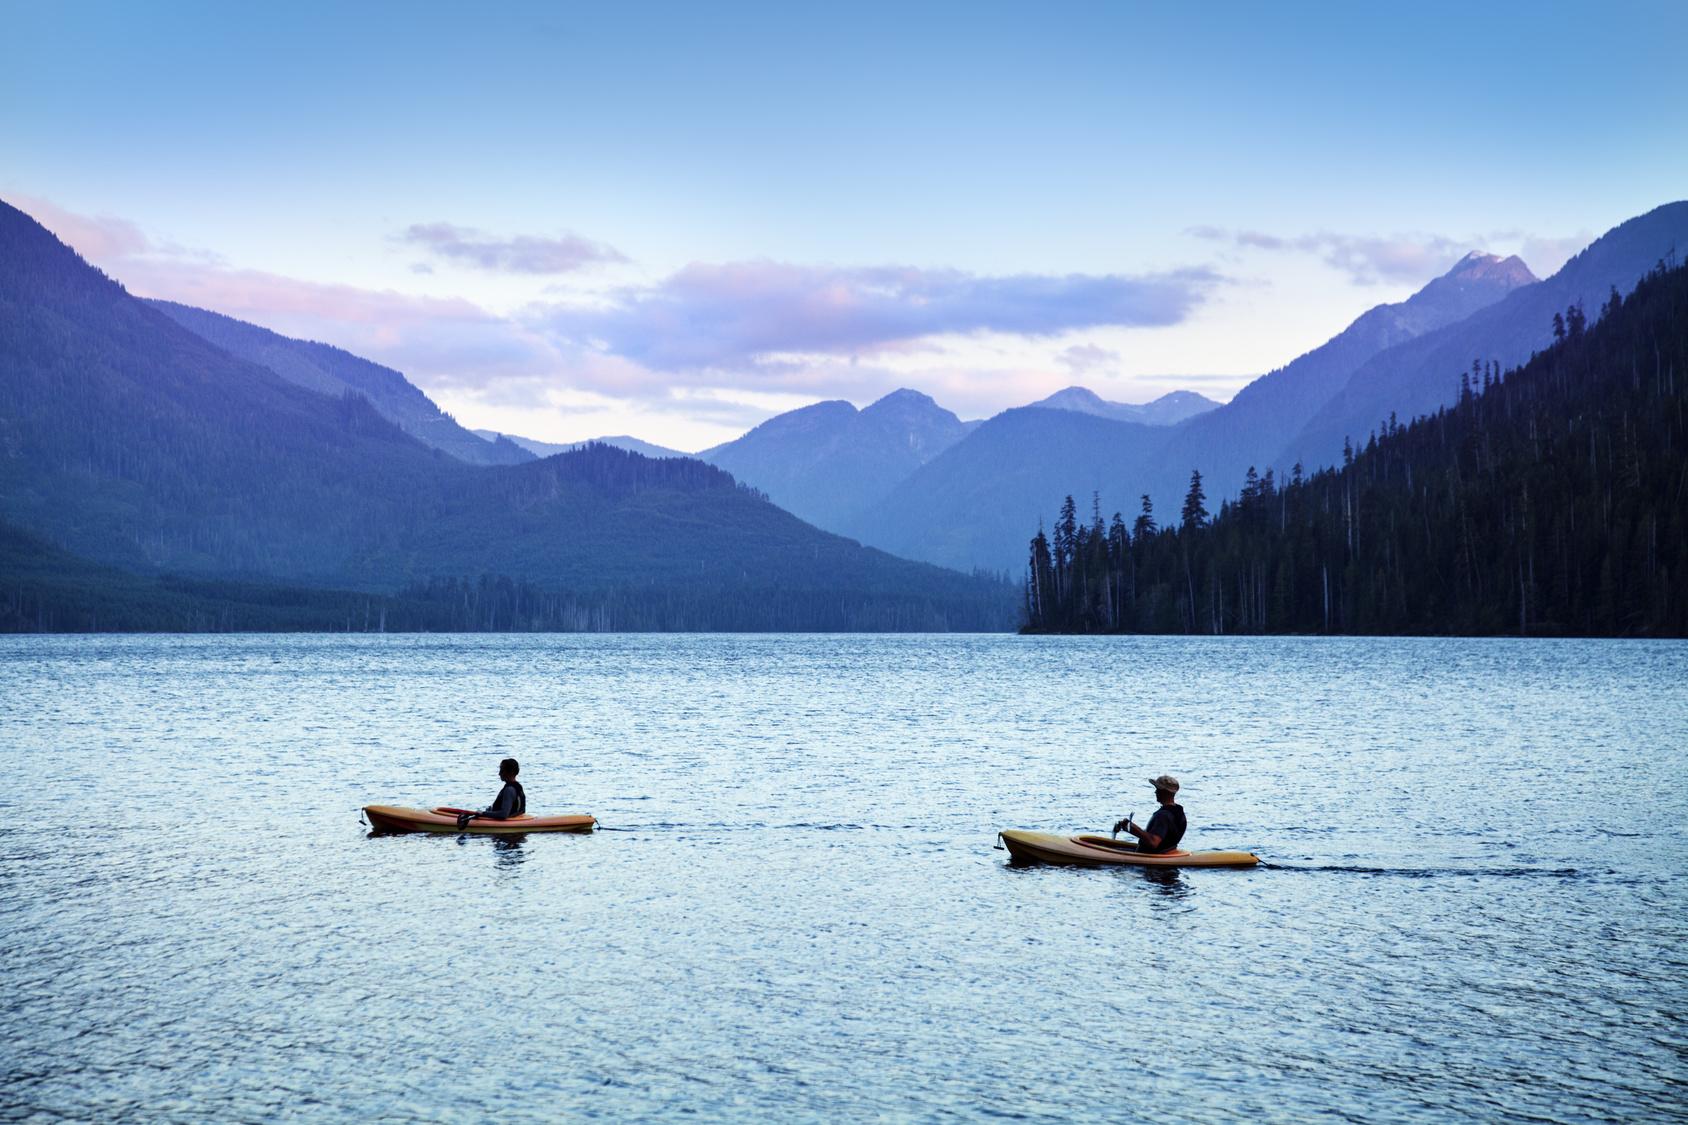 Zwei Kanufahrer auf einem See vor Bergkulisse.